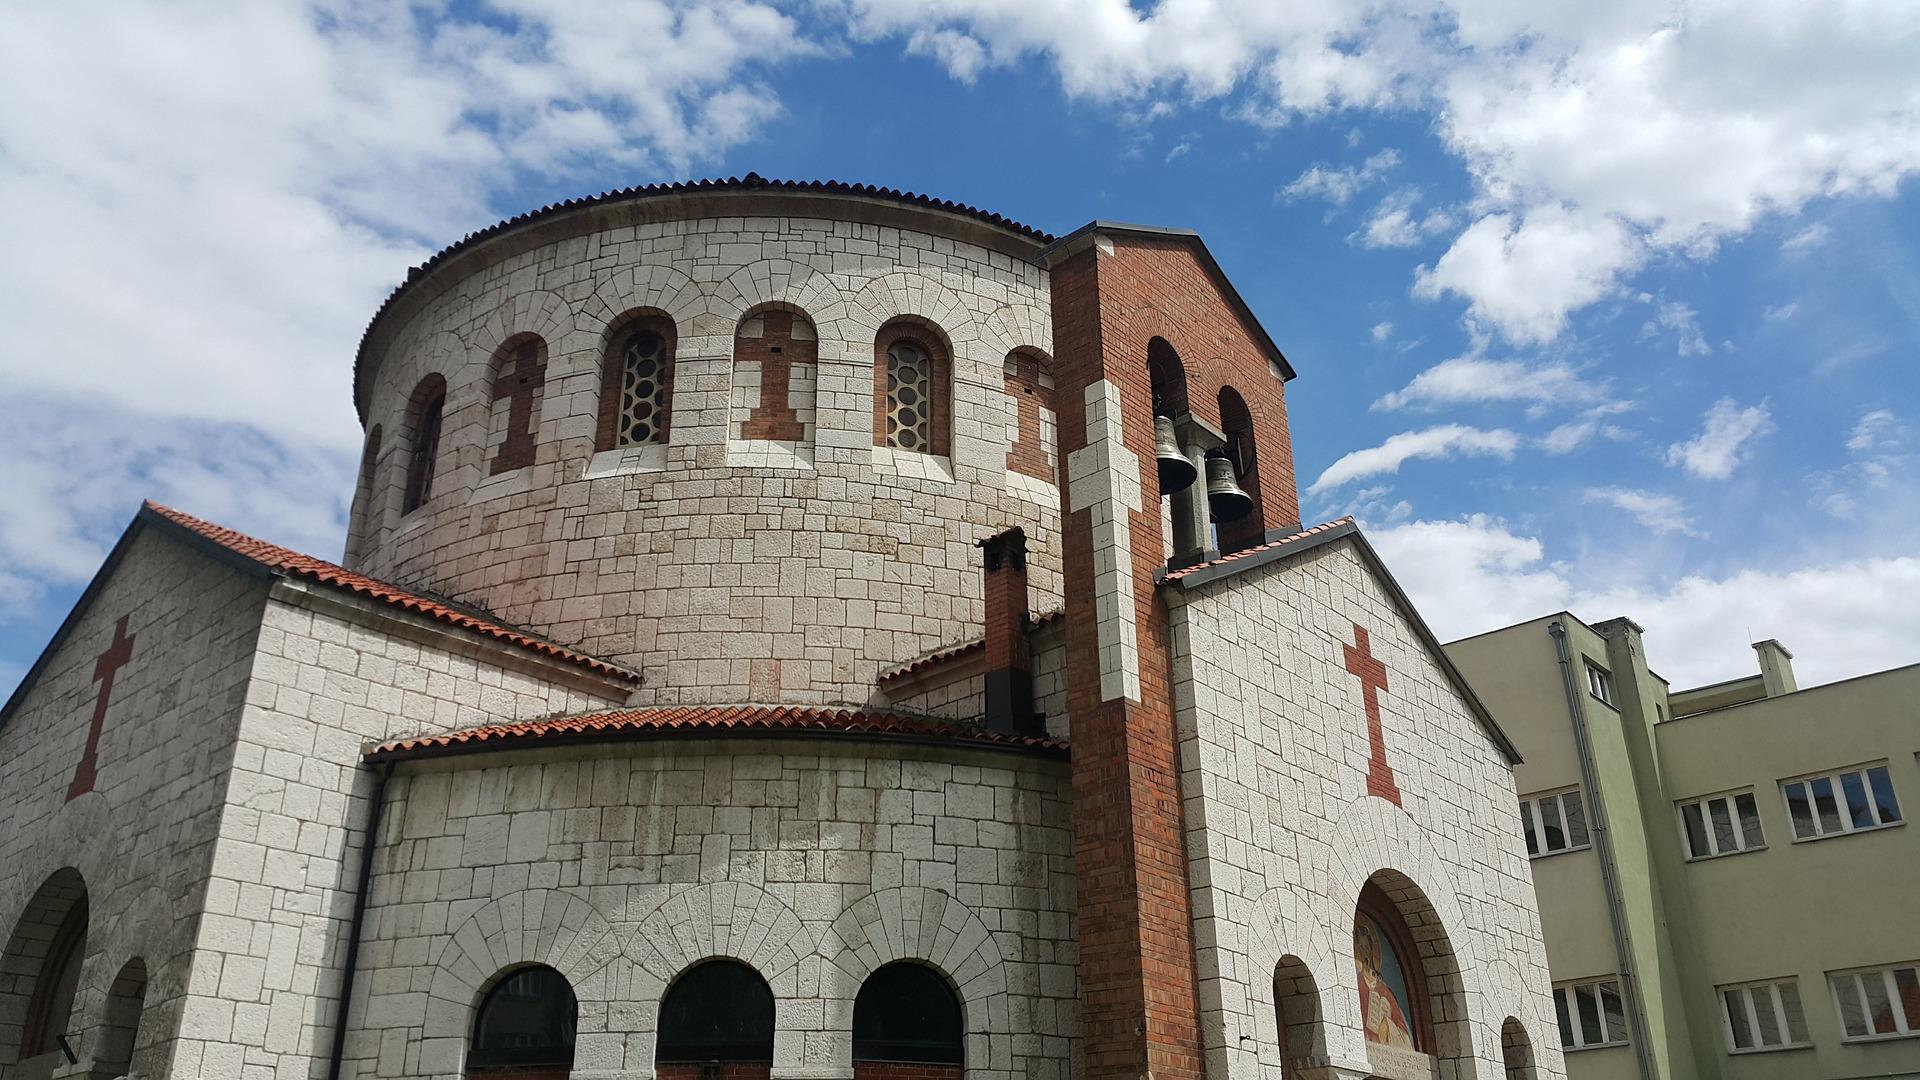 church-3413836_1920